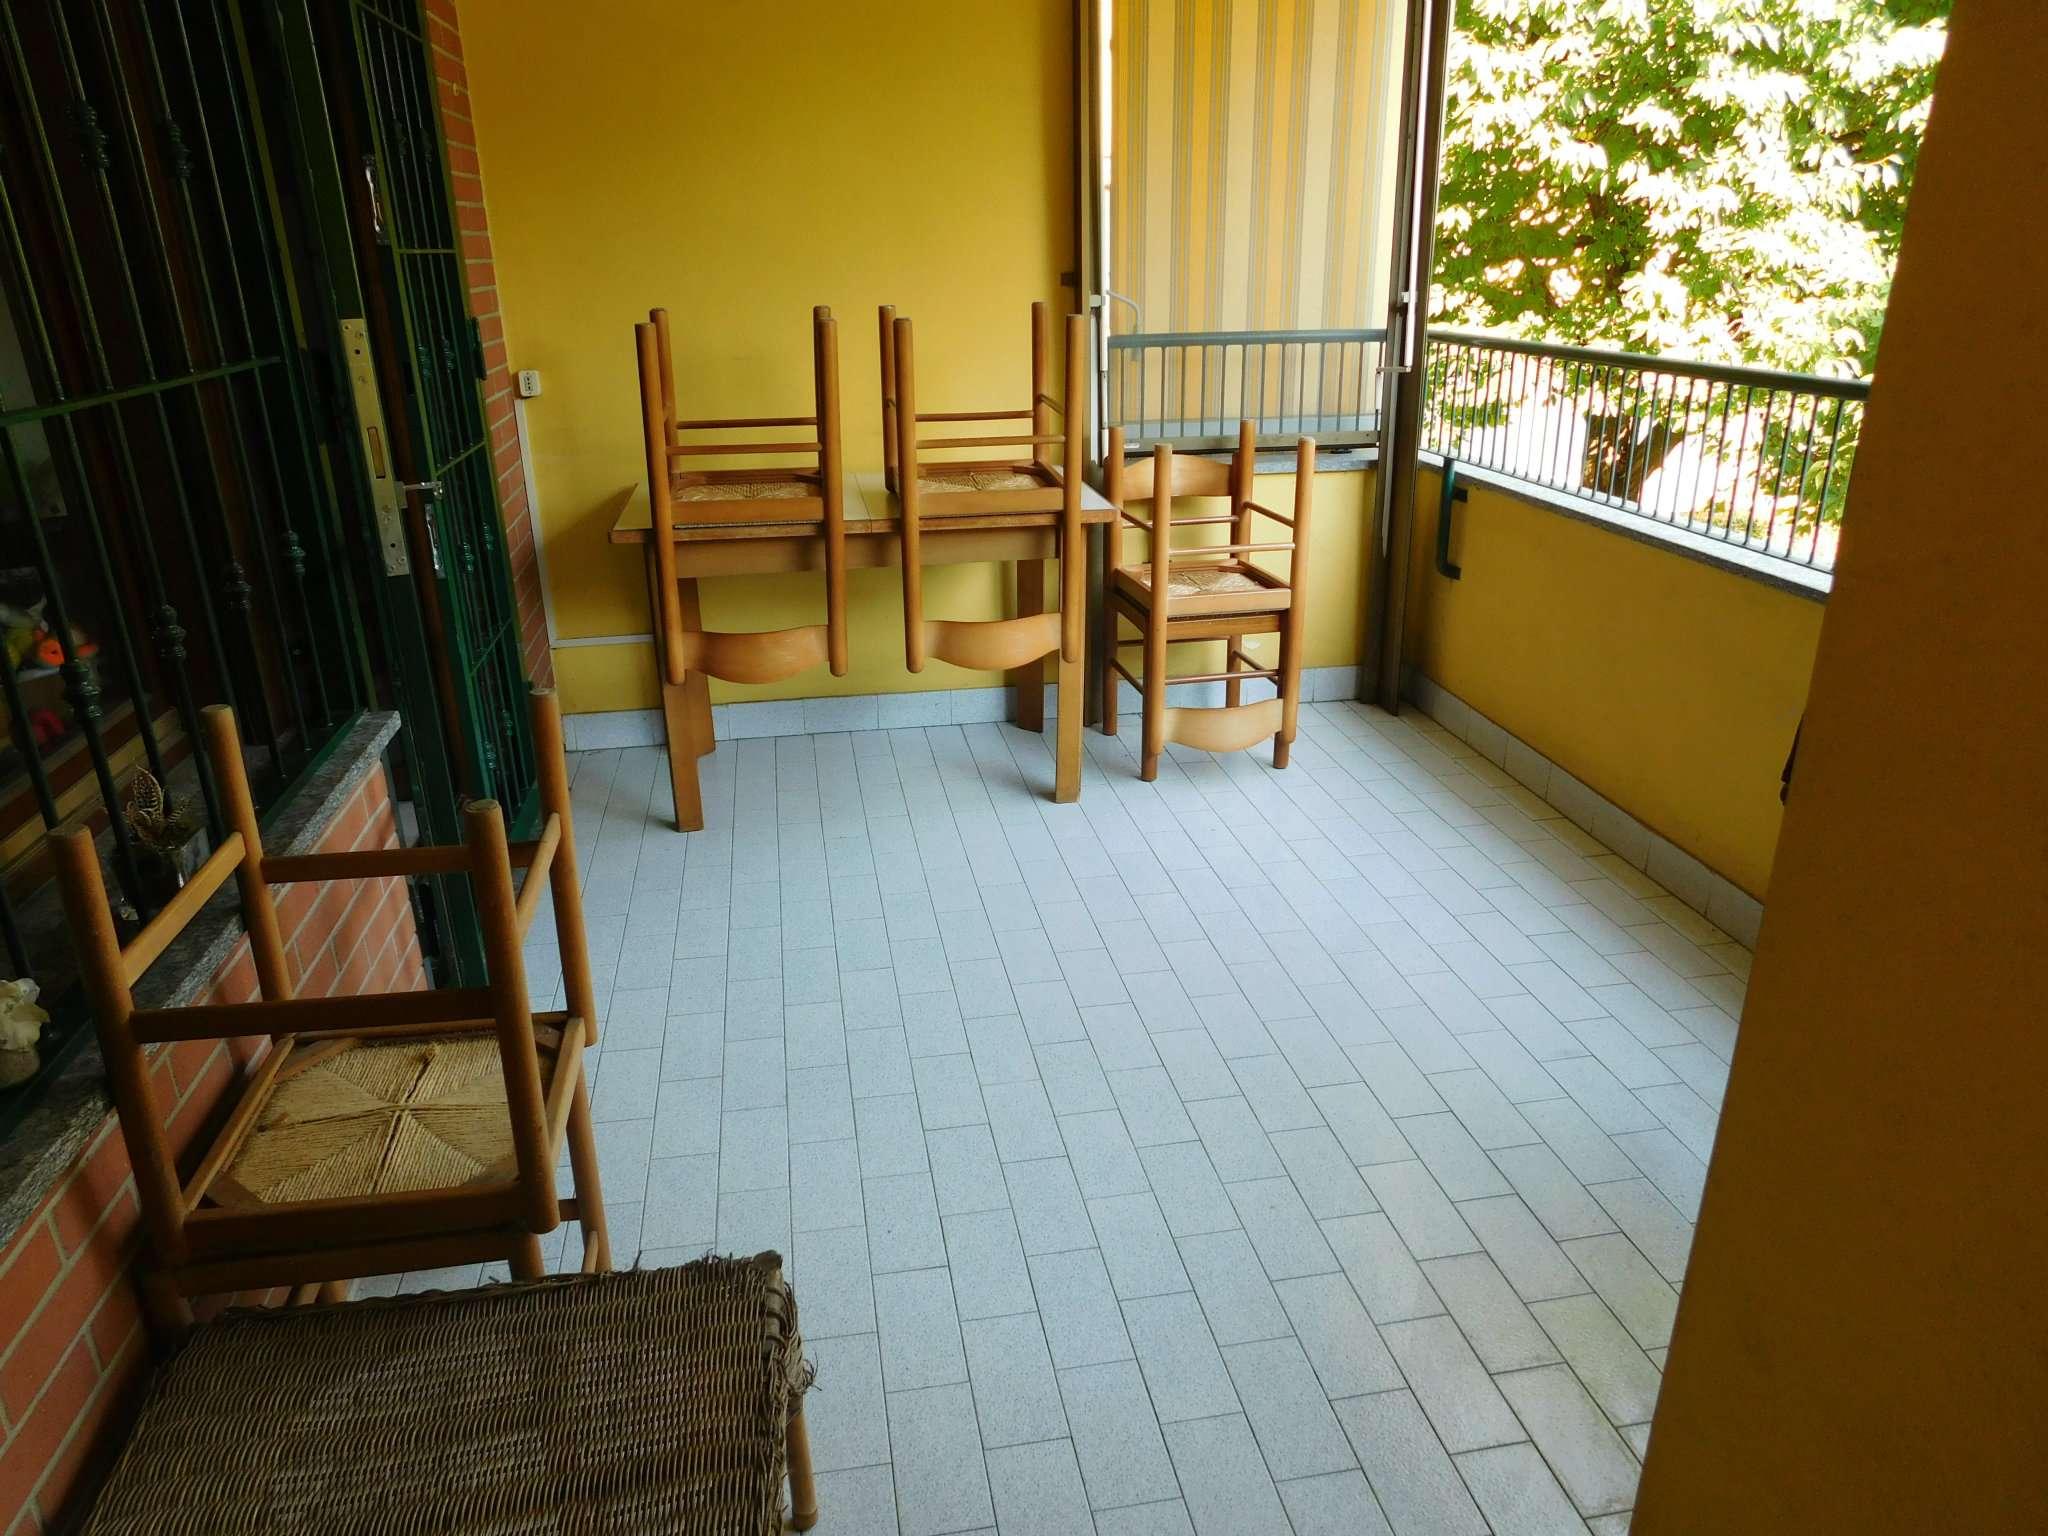 Appartamento in affitto a Buccinasco, 2 locali, prezzo € 600 | CambioCasa.it